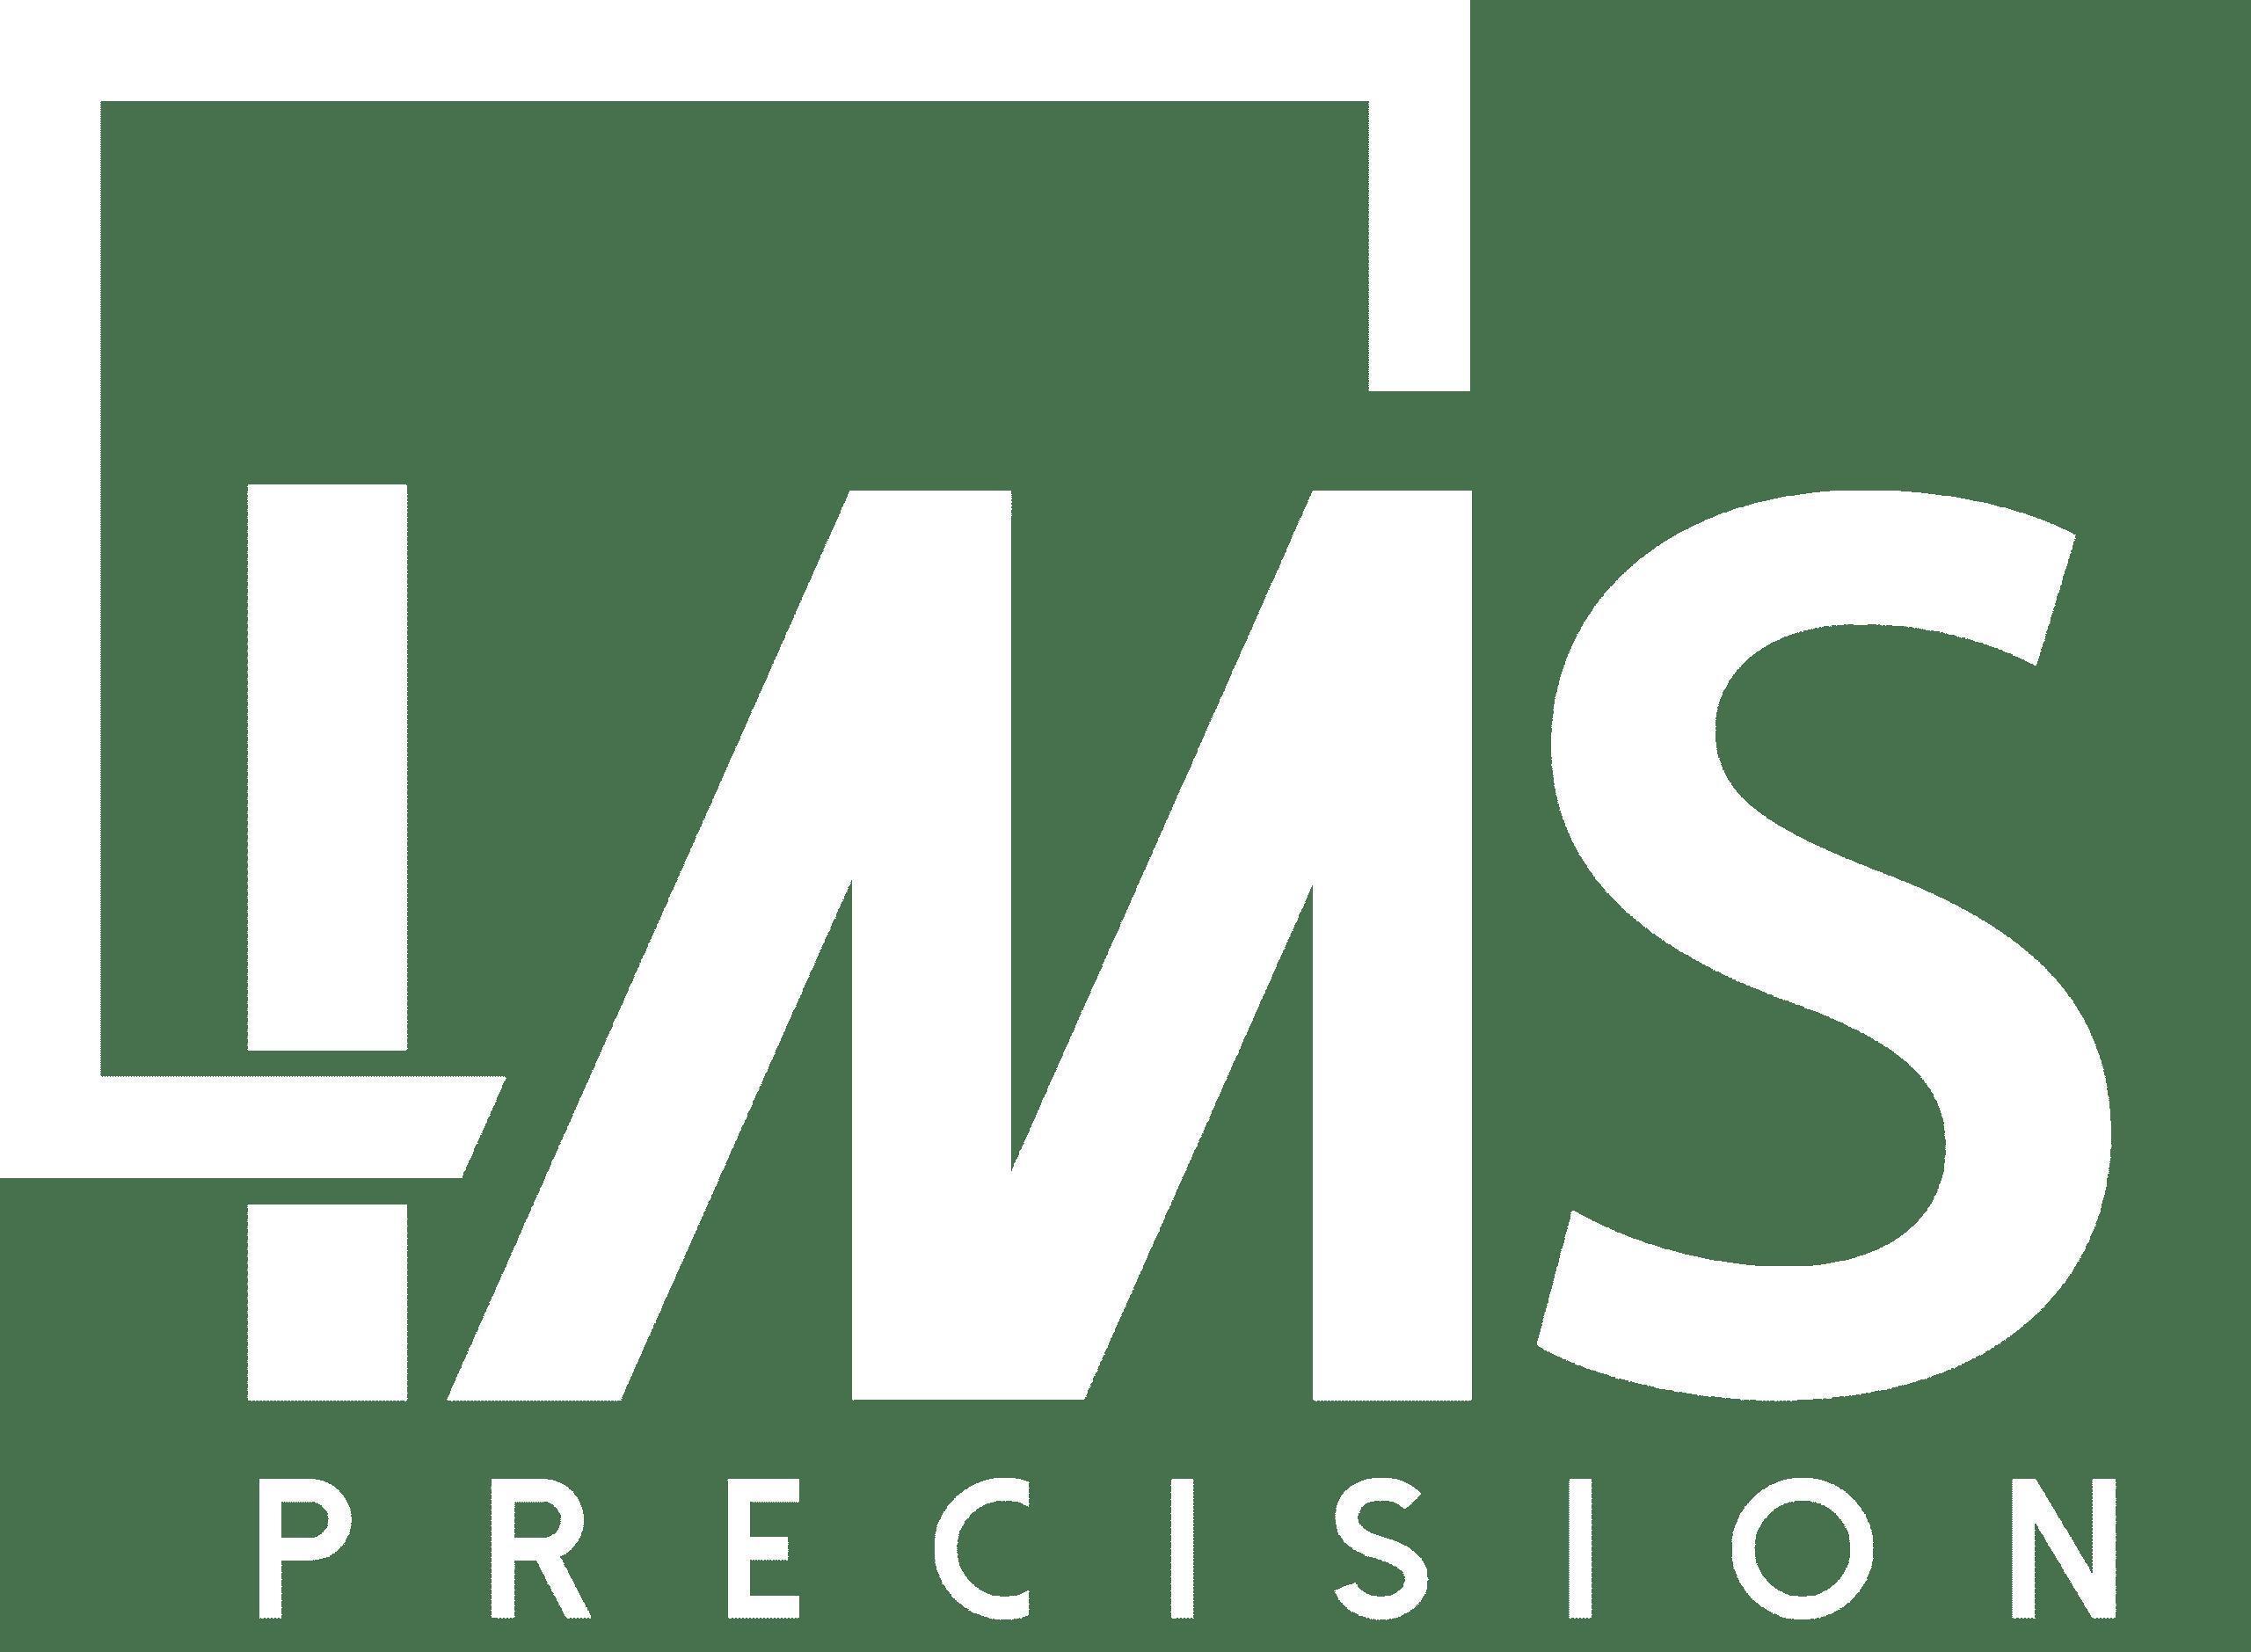 Precision IMS